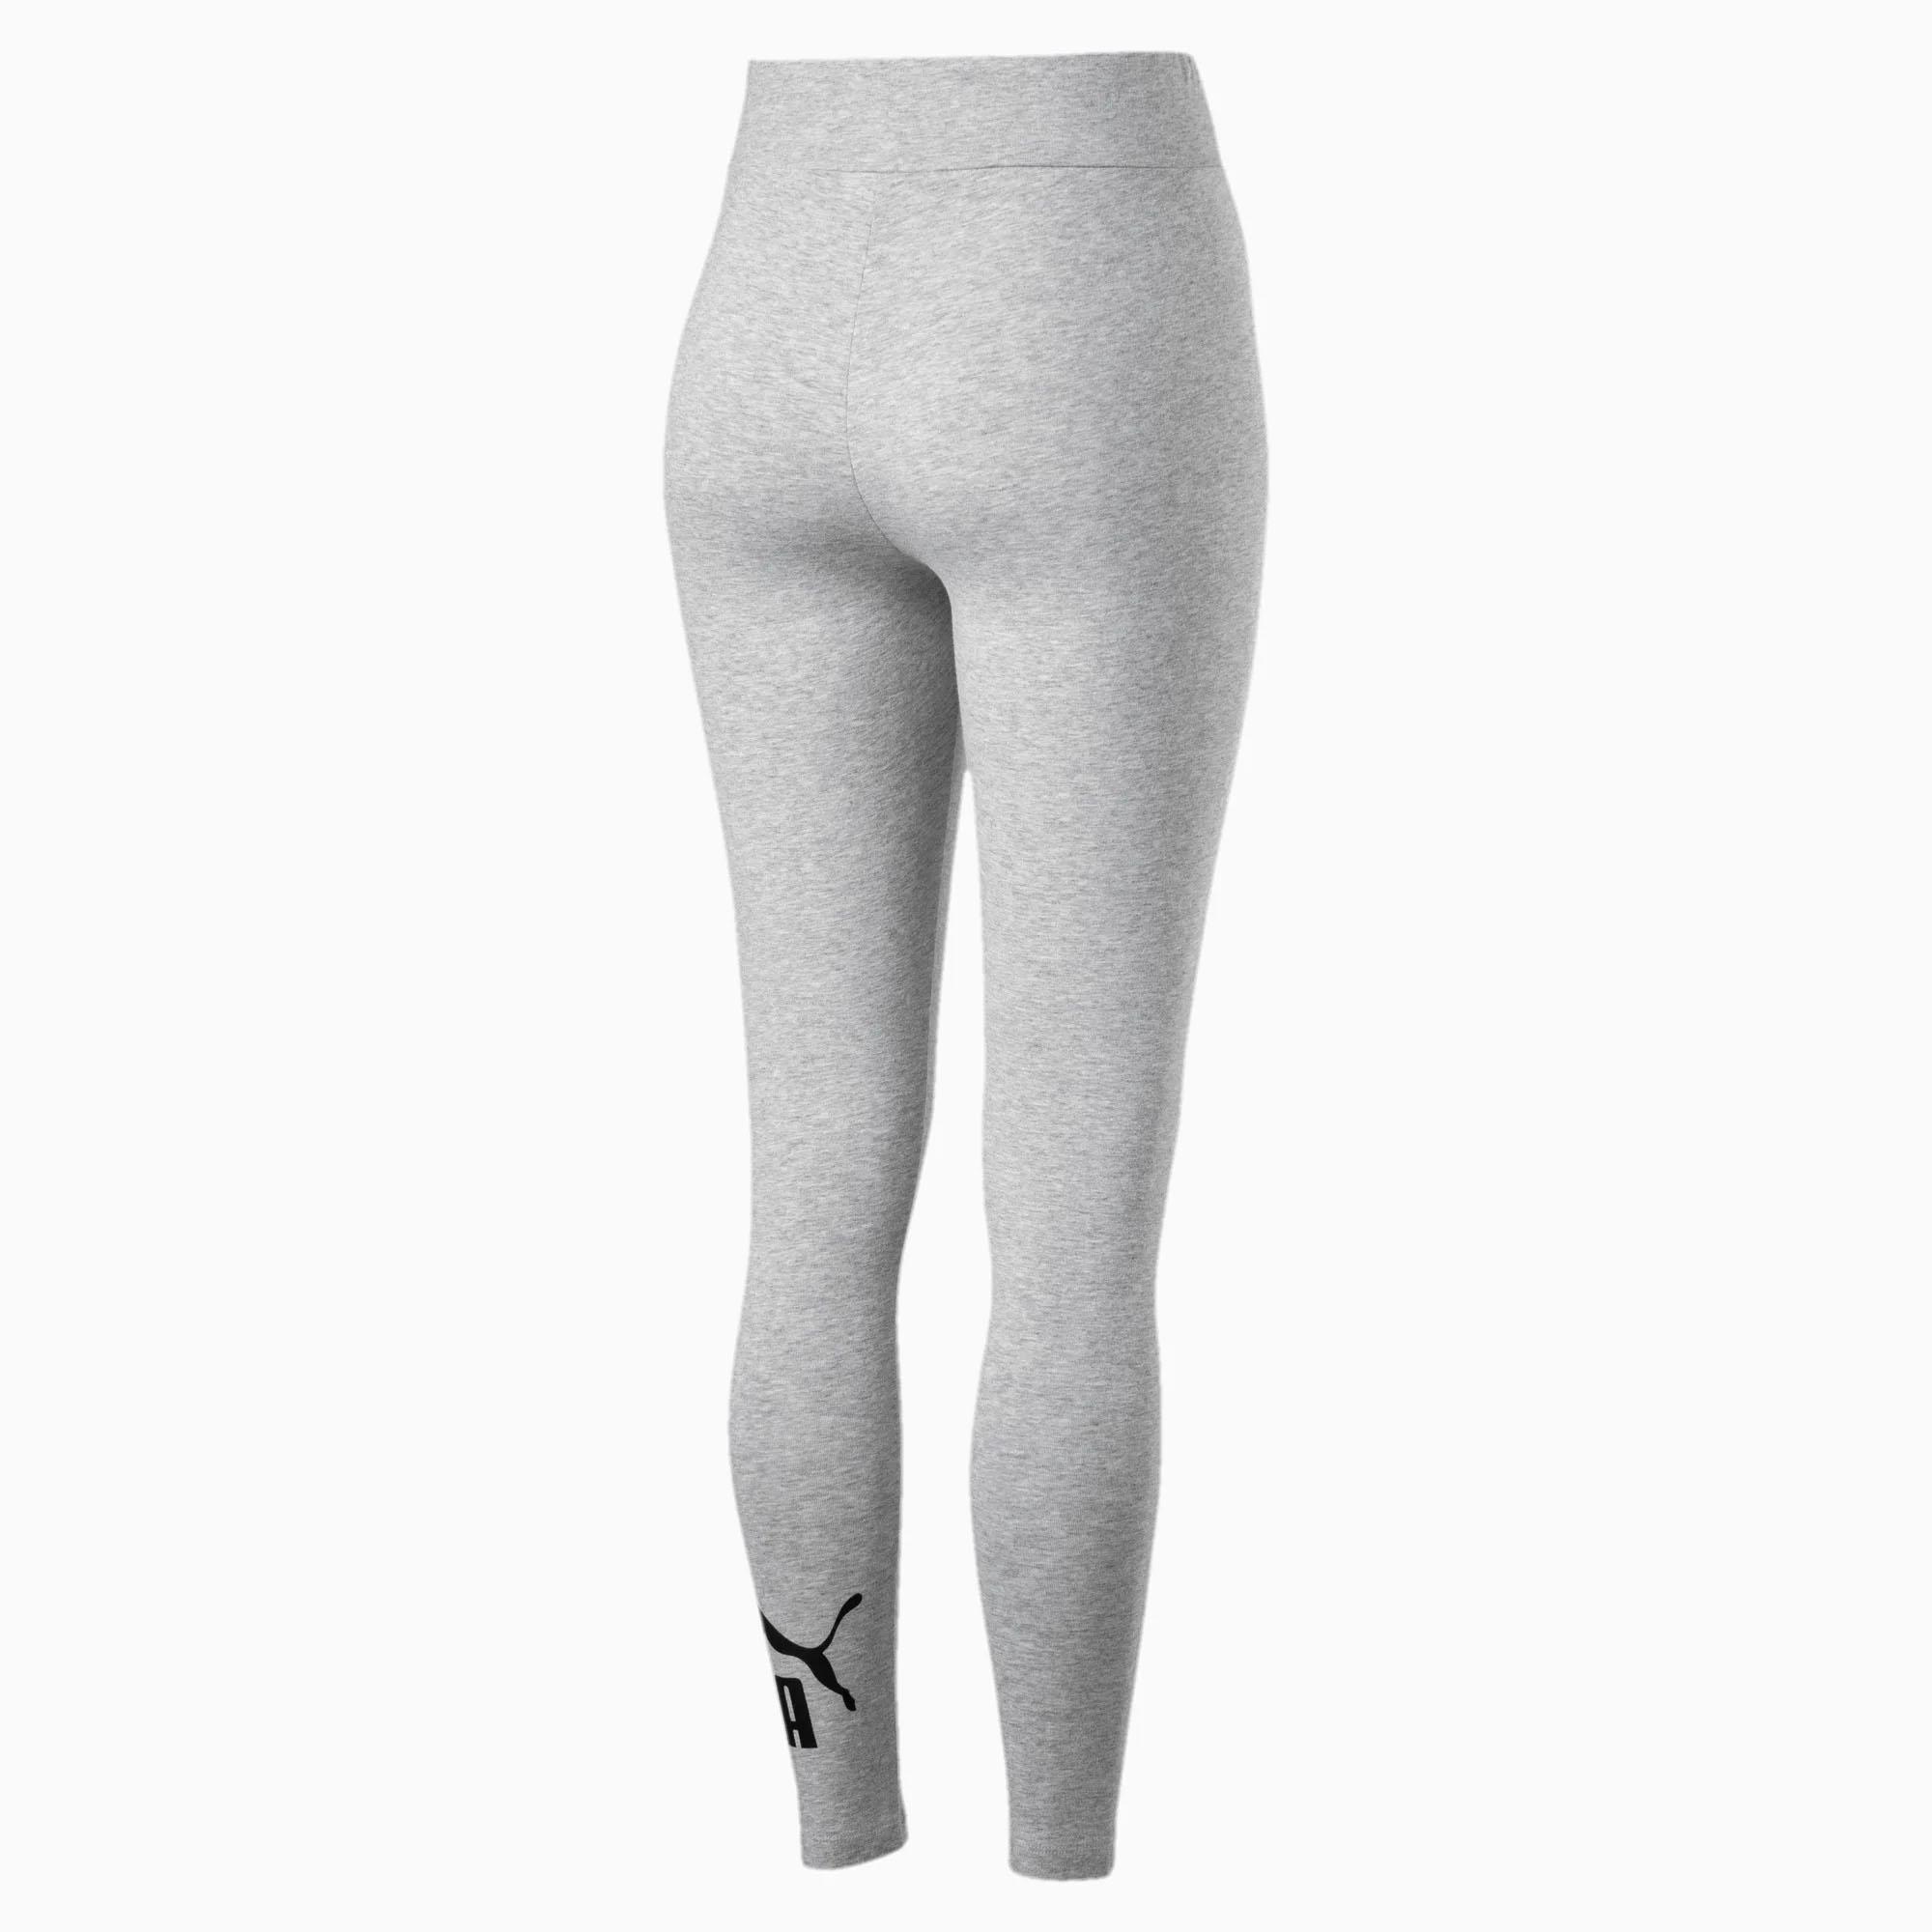 Puma-Essential-No-1-Logo-Womens-Ladies-Sports-Fitness-Legging-Grey thumbnail 4